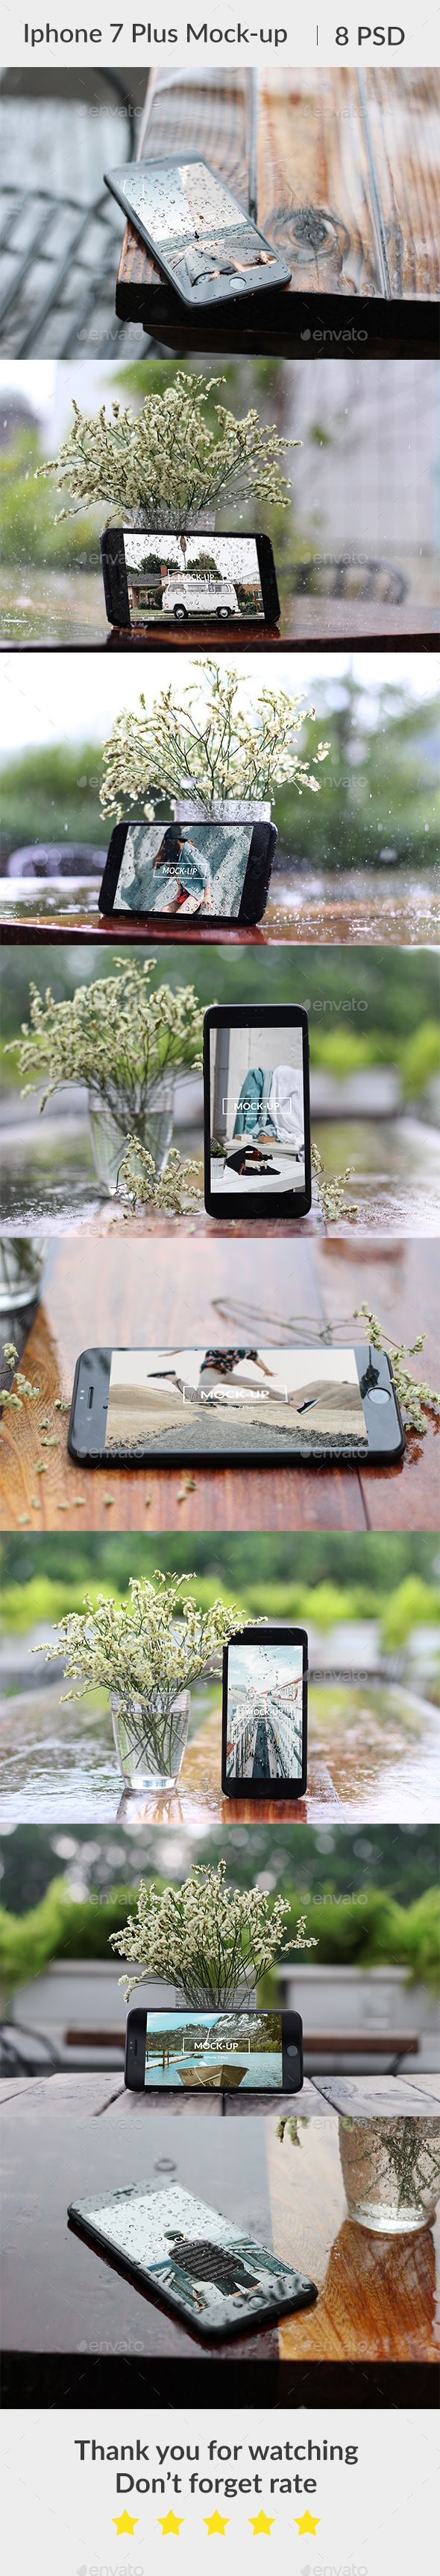 Phone 7 Plus Waterdrop Mockup